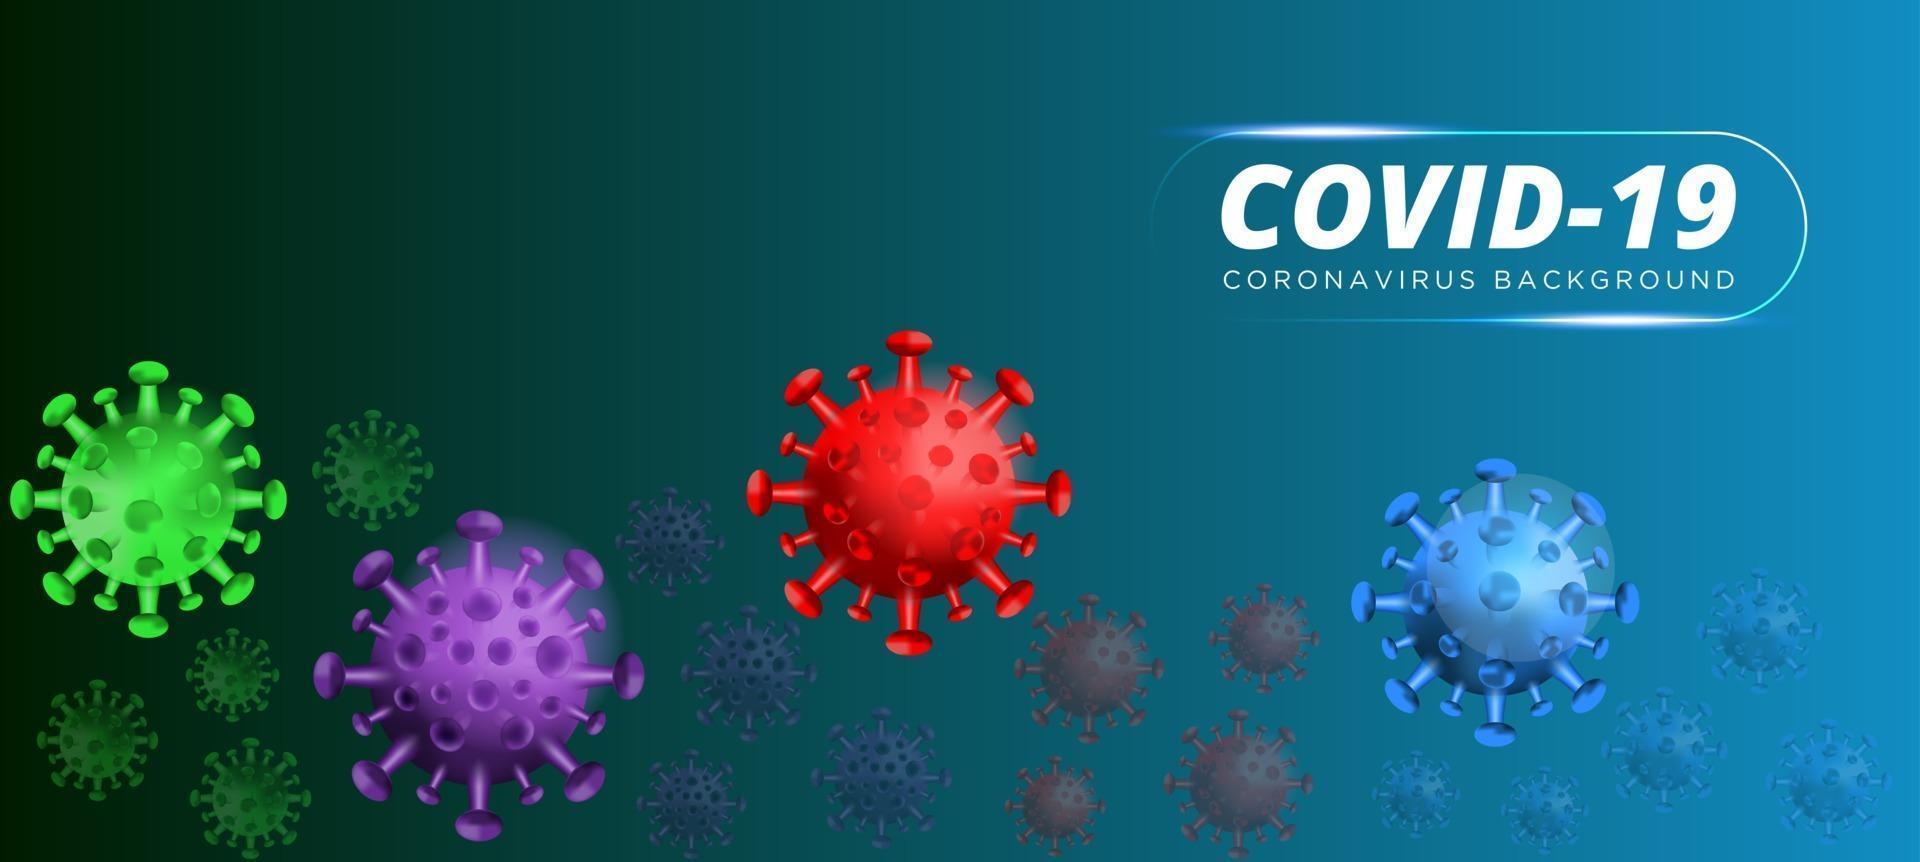 covid19. focolaio di coronavirus, epidemia di malattia virale, rendering 3d del virus, illustrazione dell'organismo. sfondo blu con cellule virali 3d realistiche. Illustrazione 3D. vettore